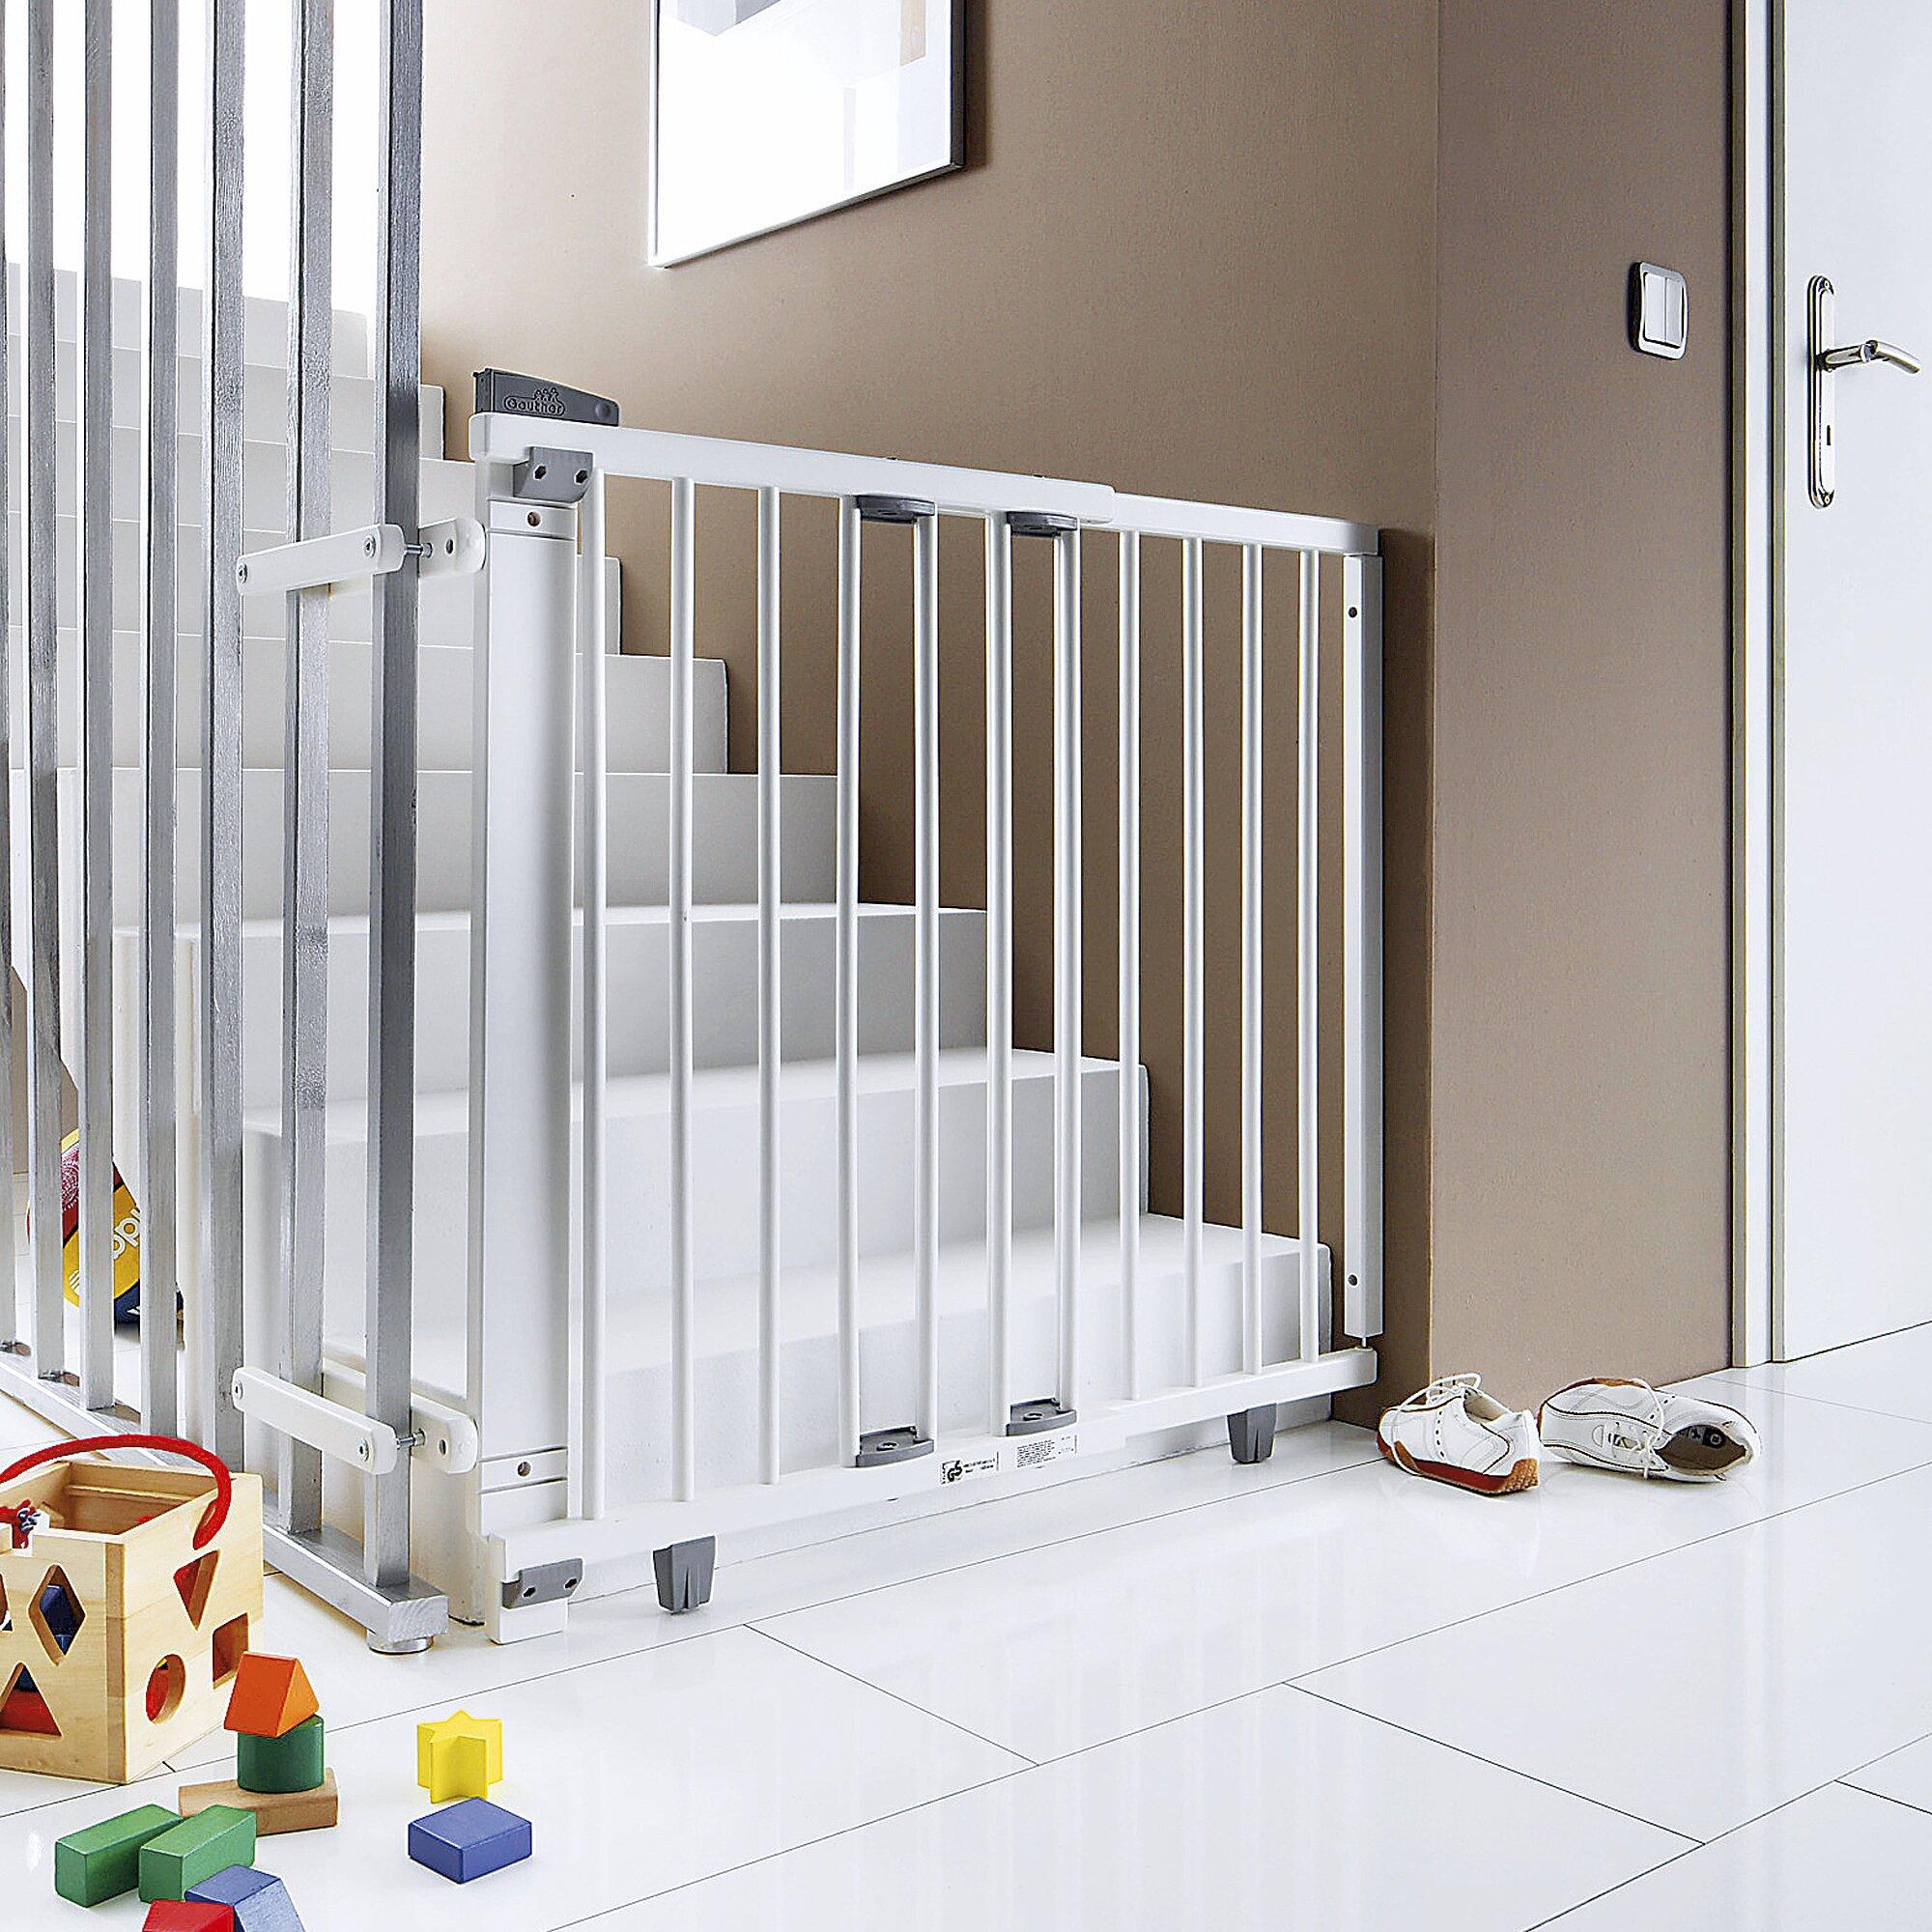 Barri res de s curit escaliers chambre et maison for Chambre de securite